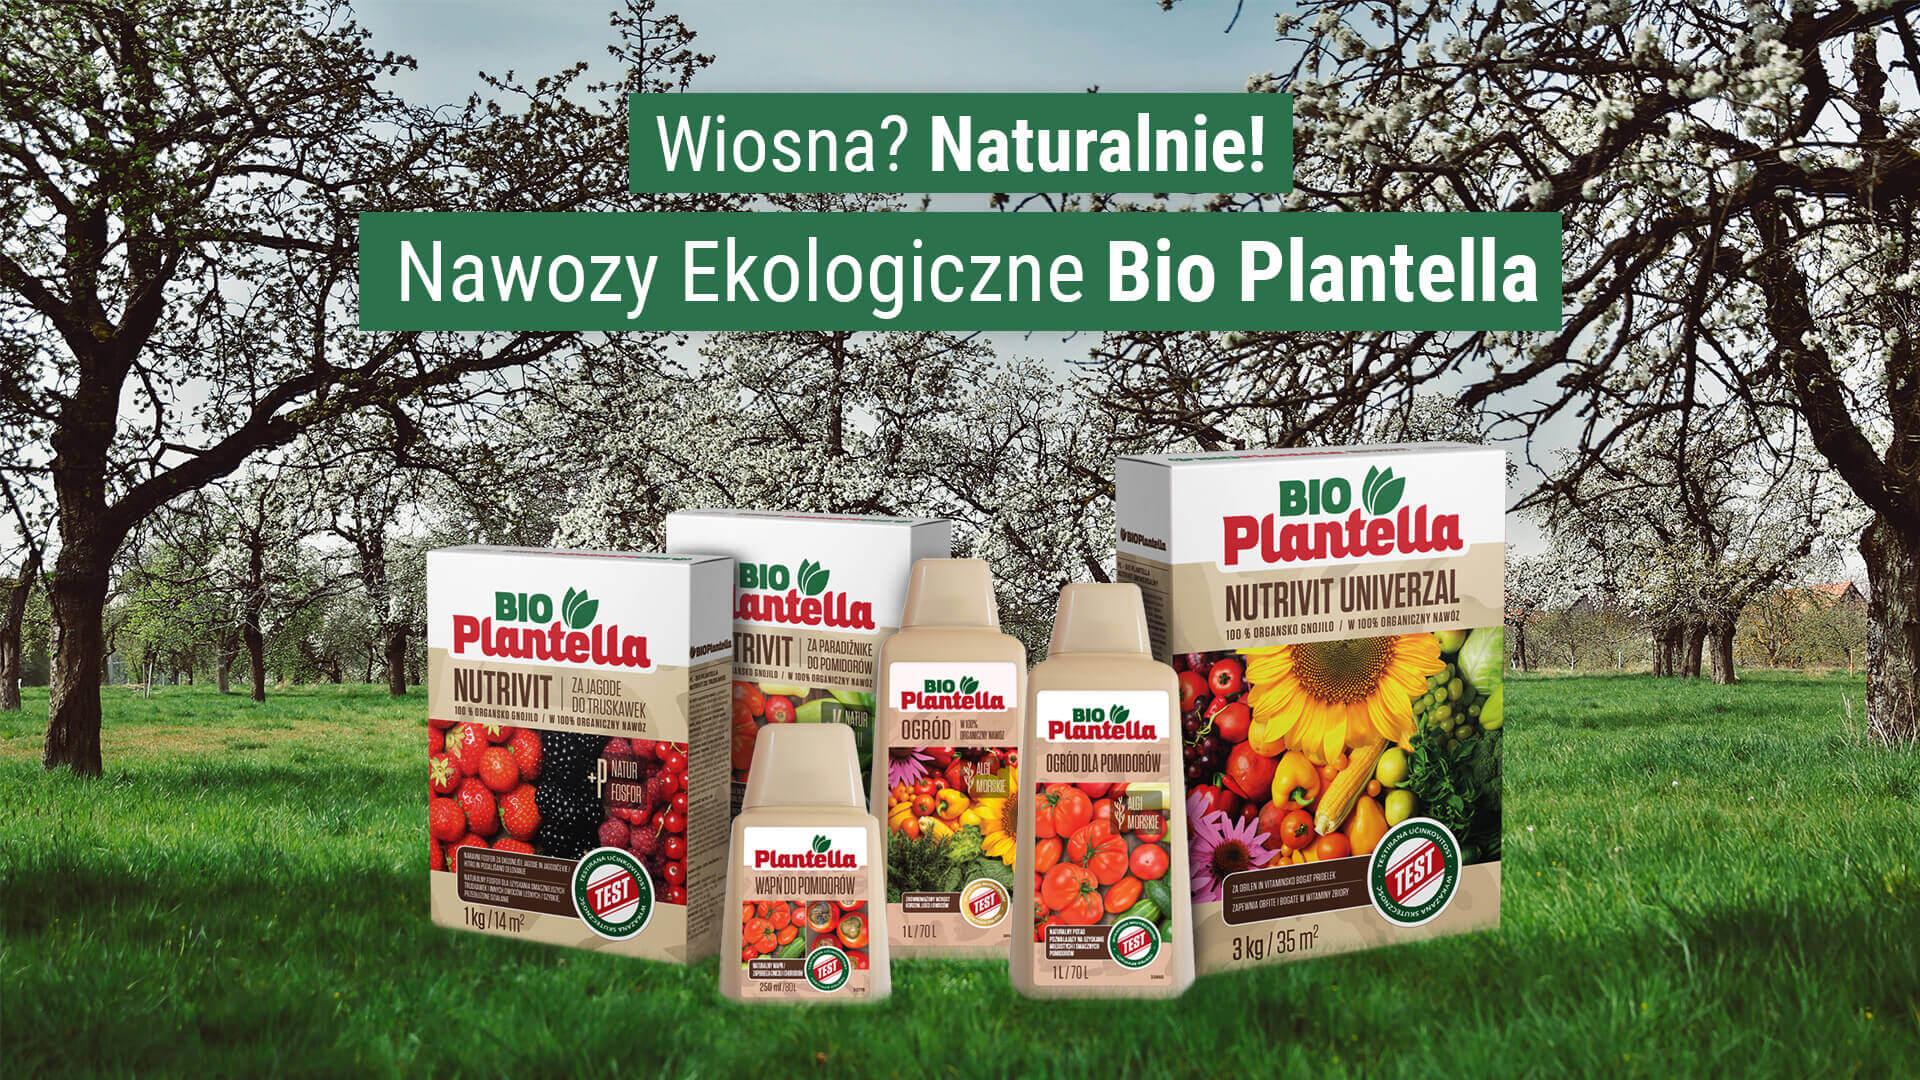 nawozy ekologiczne bioplantella